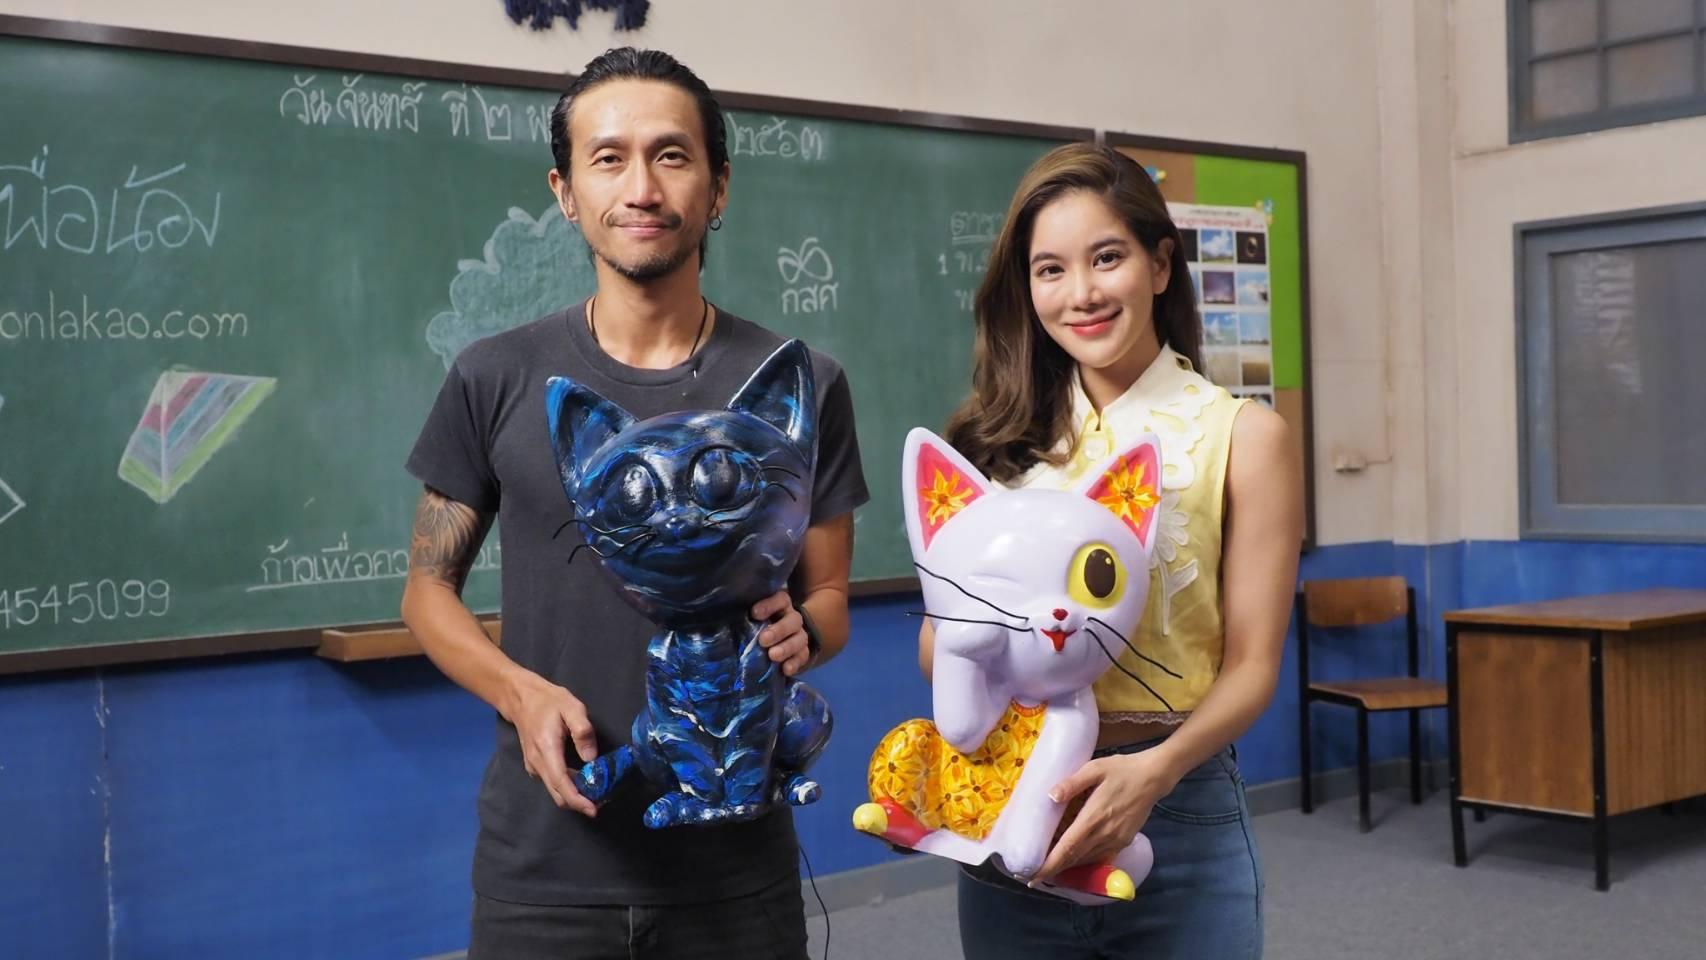 """""""ตูน-ก้อย"""" ร่วมกับเหล่าศิลปิน จับมือ ป.ปัน วิสาหกิจเพื่อสังคม ชวนประมูลงานศิลปะบนโมเดลแมว นำรายได้ทั้งหมดช่วยสัตว์ไร้ที่พึ่ง"""